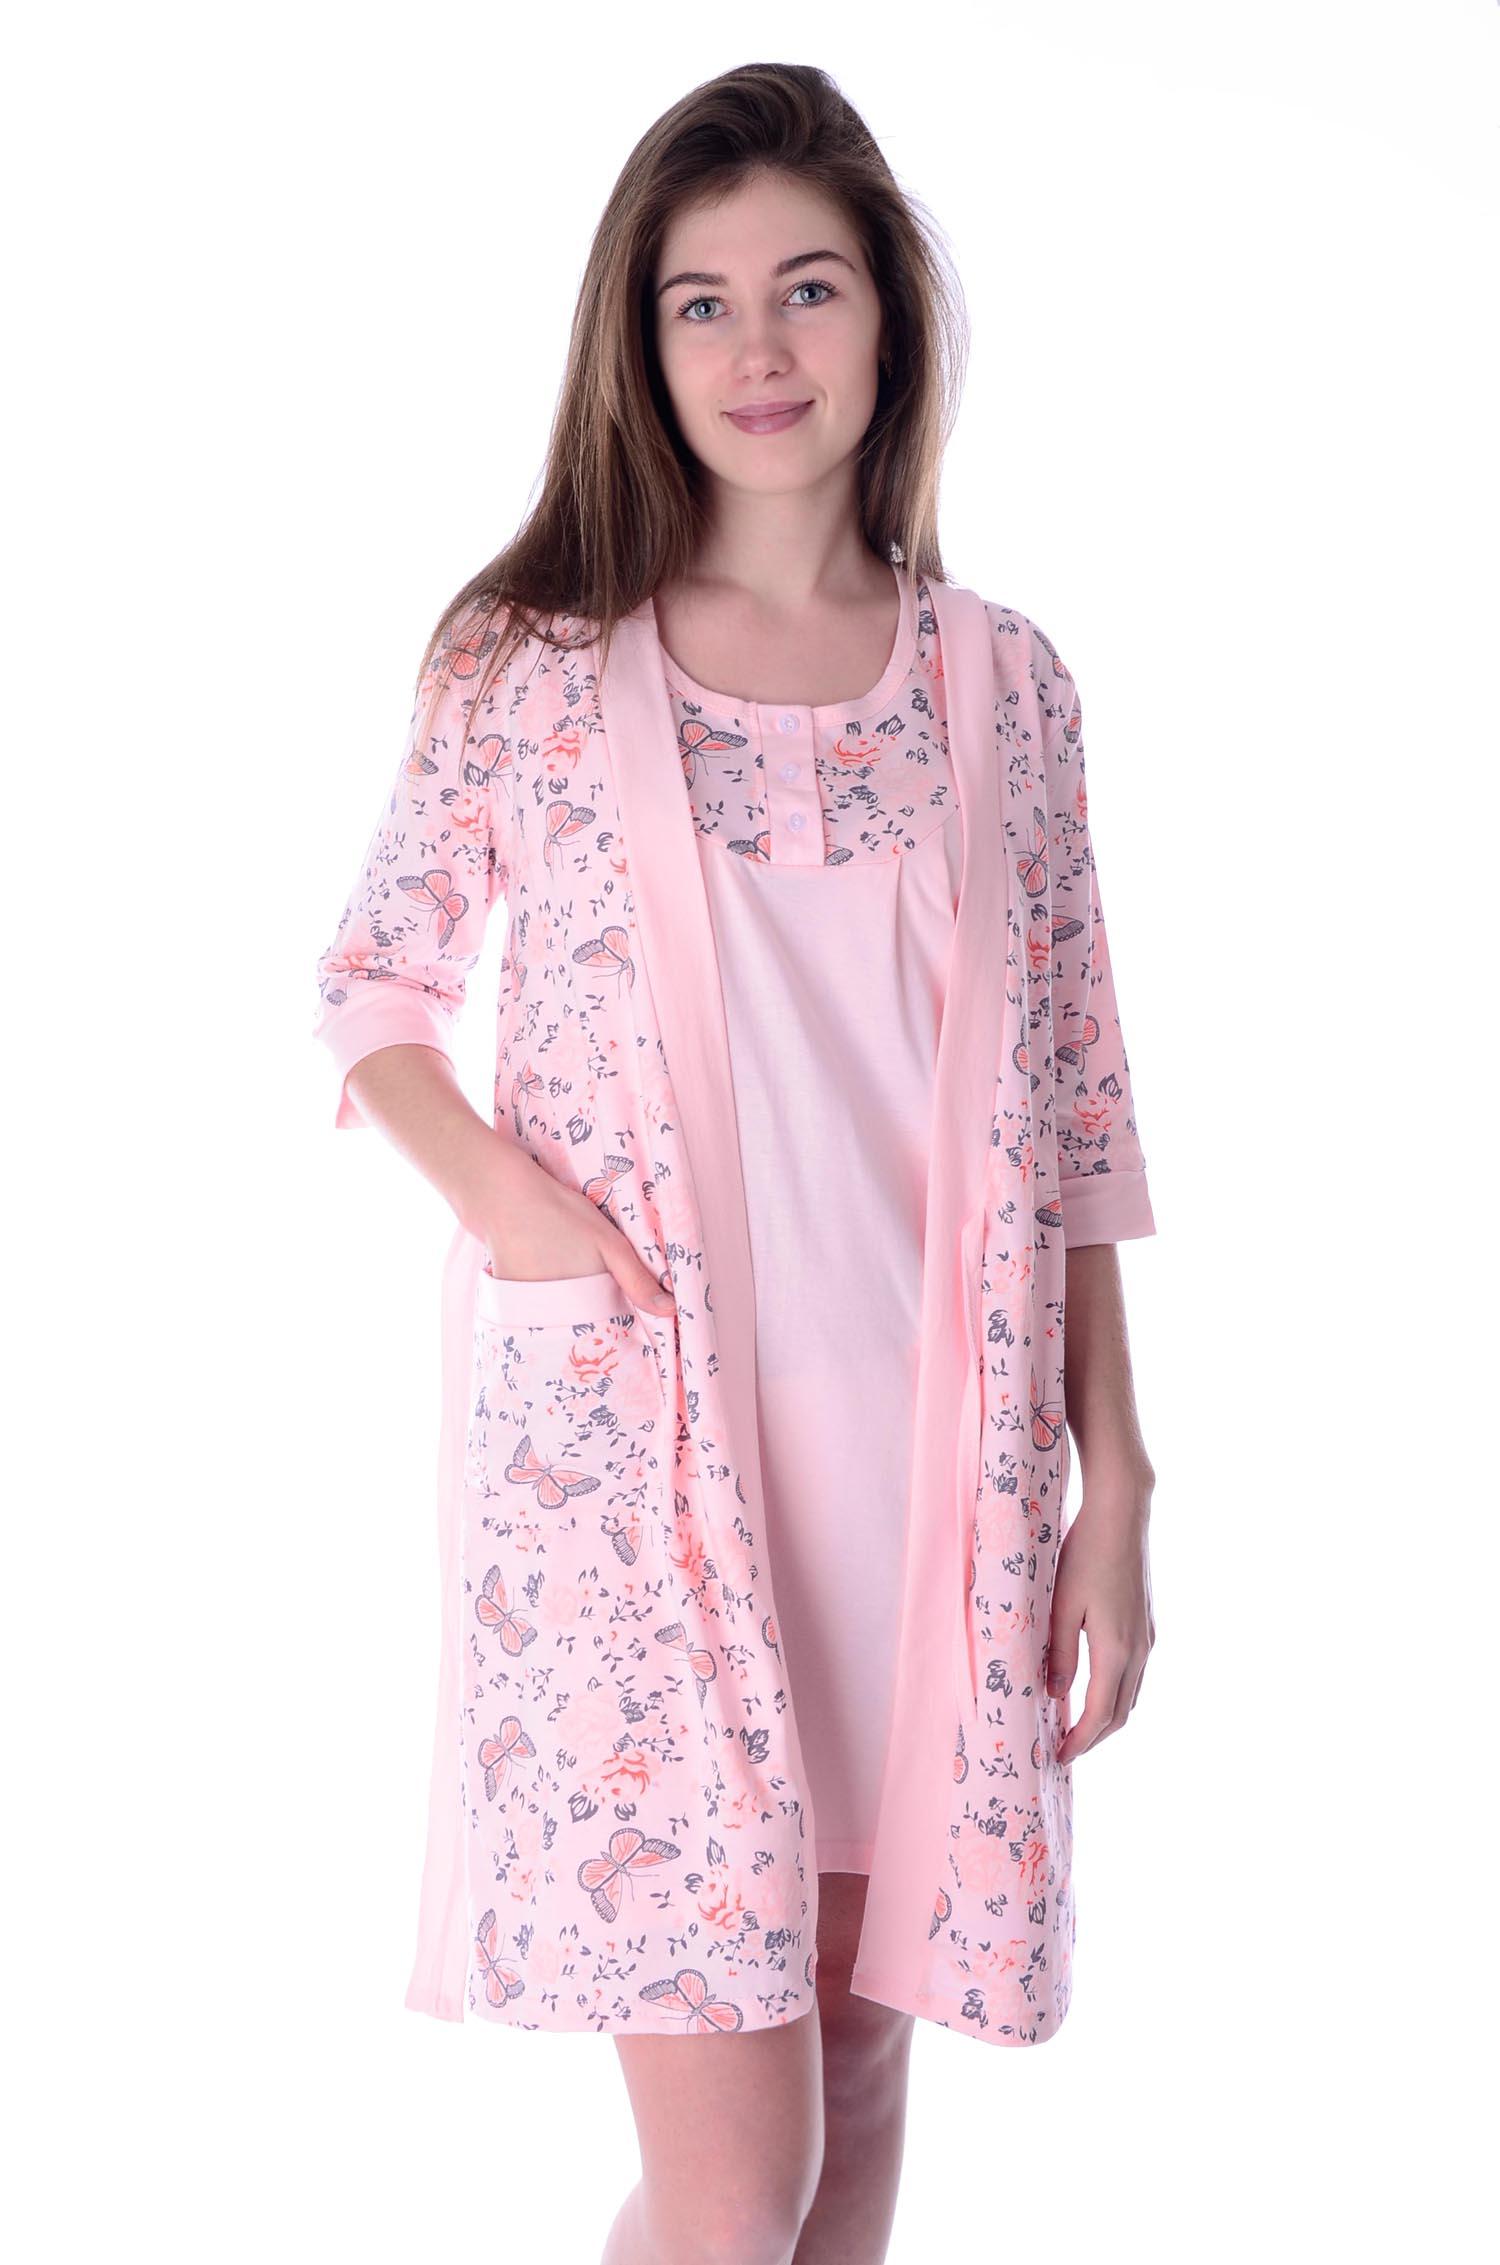 Женская деловая одежда от бренда ТМ ХеленА